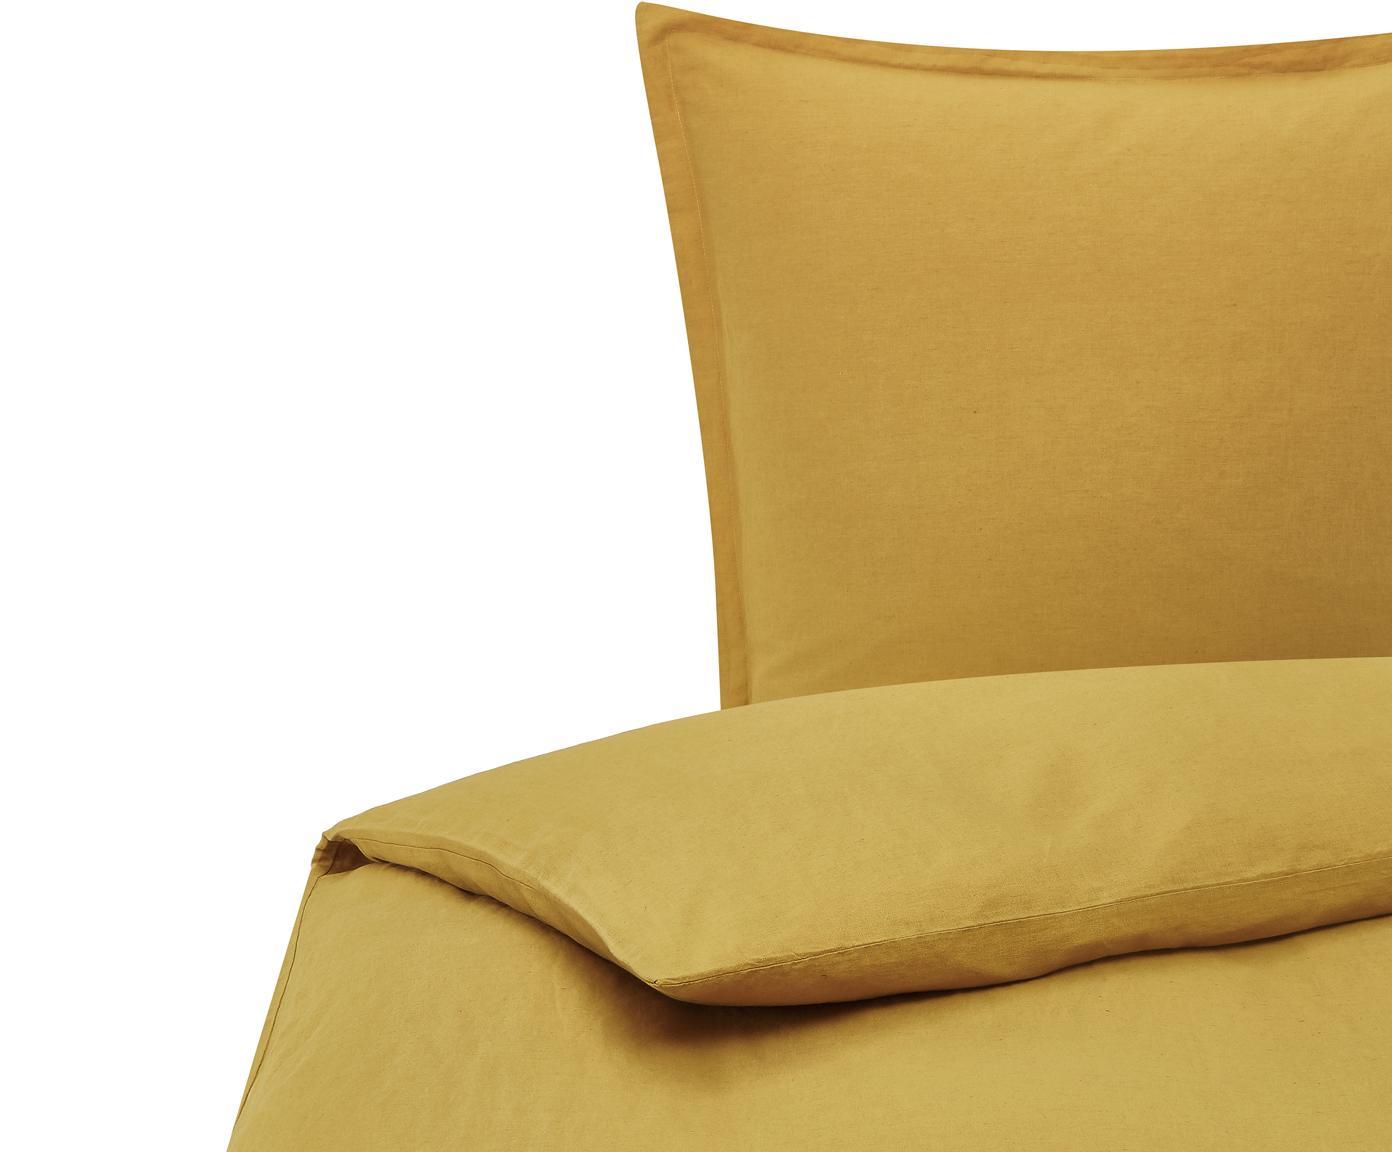 Gewaschene Leinen-Bettwäsche Nature in Senfgelb, Halbleinen (52% Leinen, 48% Baumwolle)  Fadendichte 108 TC, Standard Qualität  Halbleinen hat von Natur aus einen kernigen Griff und einen natürlichen Knitterlook, der durch den Stonewash-Effekt verstärkt wird. Es absorbiert bis zu 35% Luftfeuchtigkeit, trocknet sehr schnell und wirkt in Sommernächten angenehm kühlend. Die hohe Reißfestigkeit macht Halbleinen scheuerfest und strapazierfähig., Senfgelb, 135 x 200 cm + 1 Kissen 80 x 80 cm